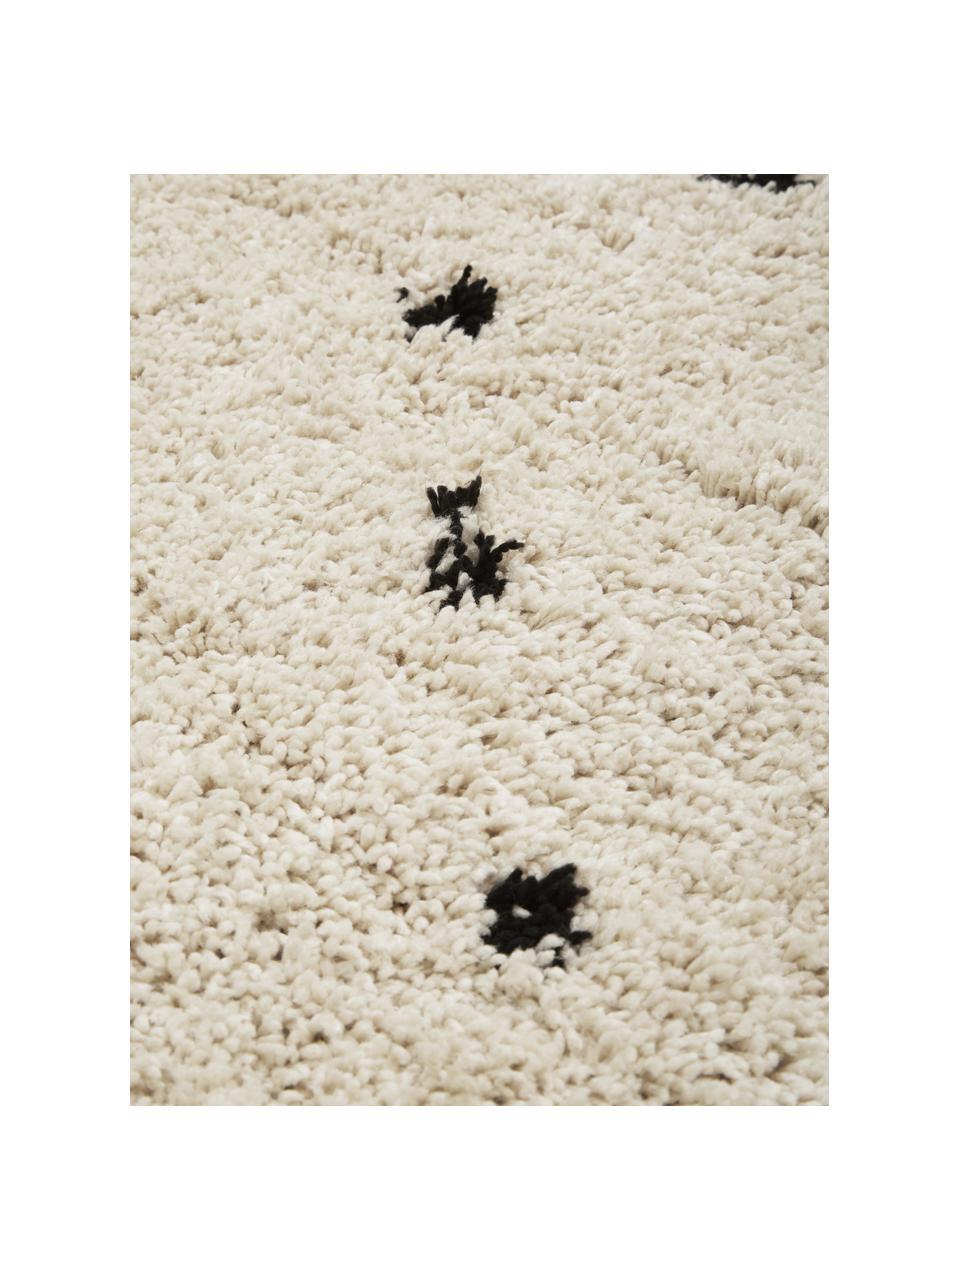 Zacht hoogpolig vloerkleed Ayana, met stippels, Bovenzijde: 100% polyester, Onderzijde: 100% katoen, Beige, zwart, B 120 x L 180 cm (maat S)